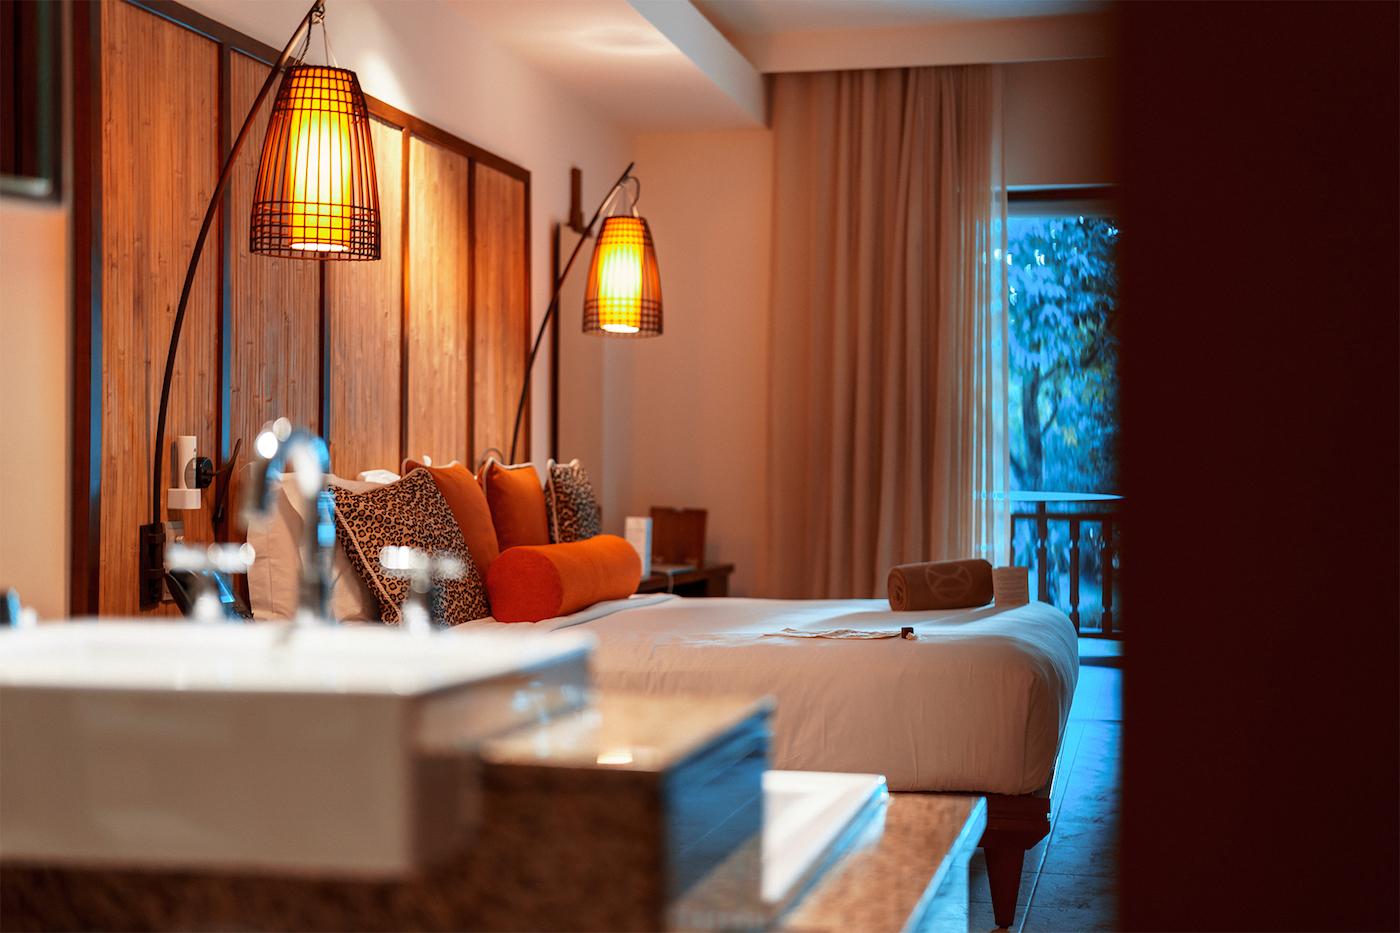 Traumurlaub im Constance Ephelia Hotel auf den Seychellen 5